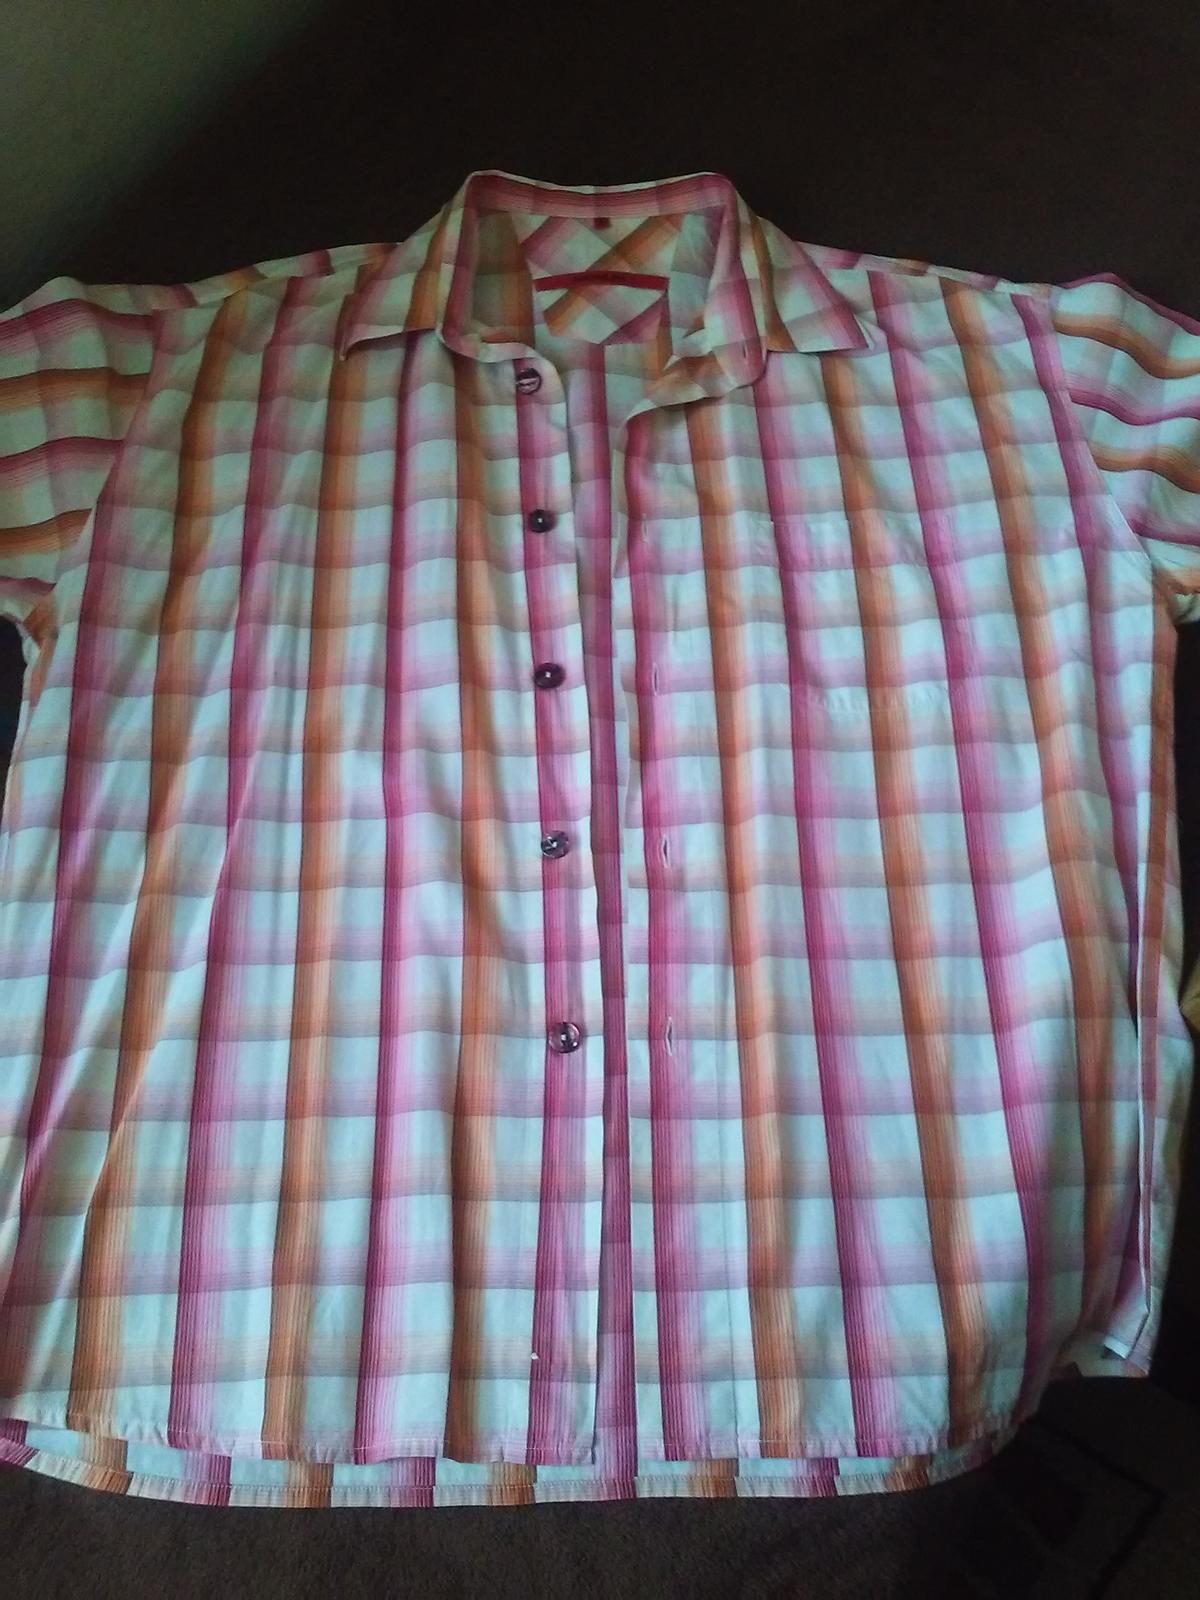 Košeľa s krátkym rukávom  - Obrázok č. 1